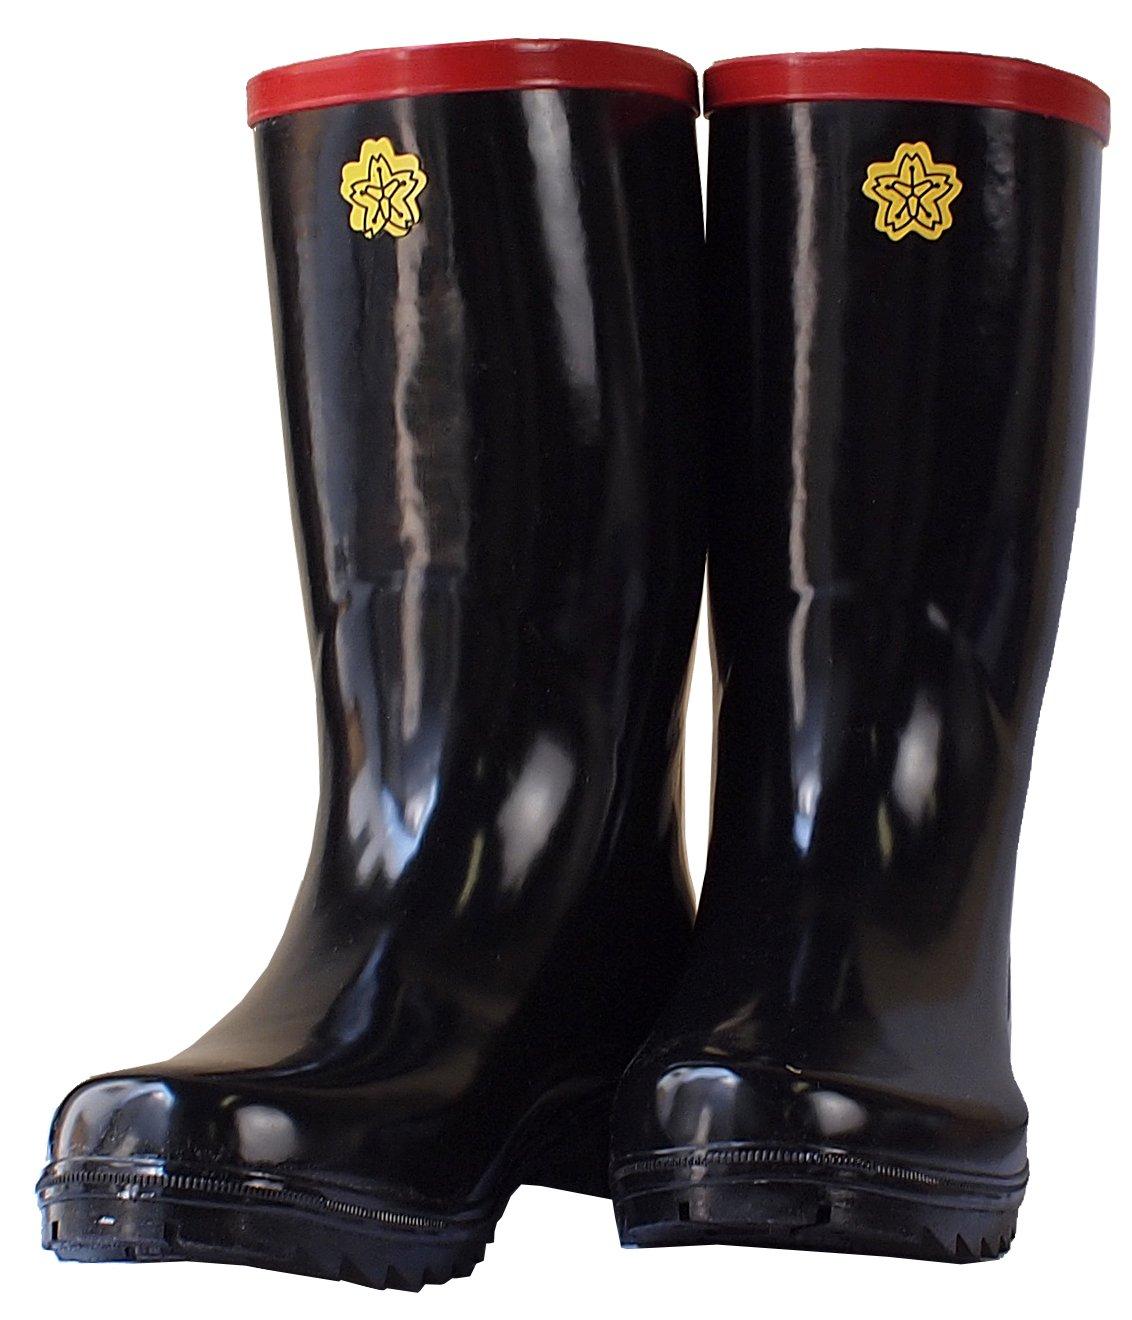 消防団ゴム長靴(ステンレス踏み抜き防止板入り)輸入品